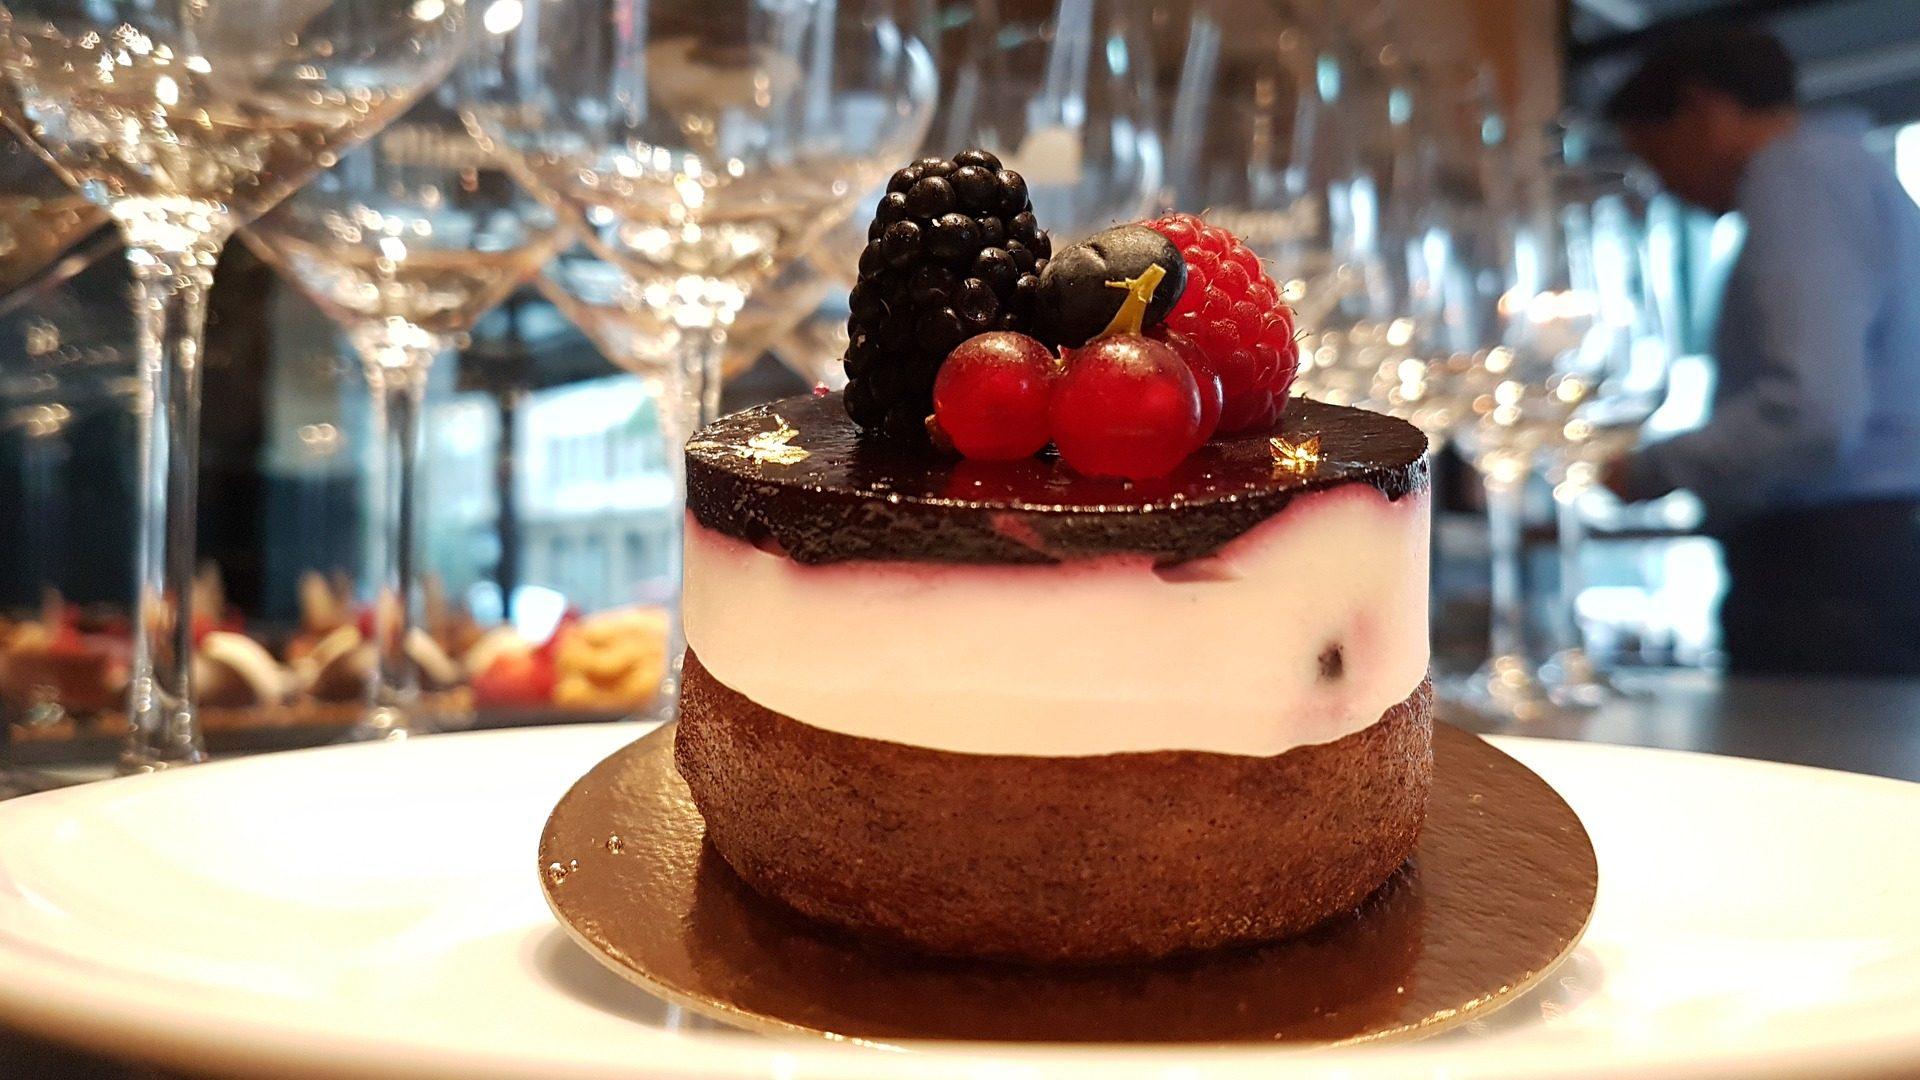 tarta, торт, сладкий, кондитерские изделия, десерт, Ежевика, ягоды - Обои HD - Профессор falken.com